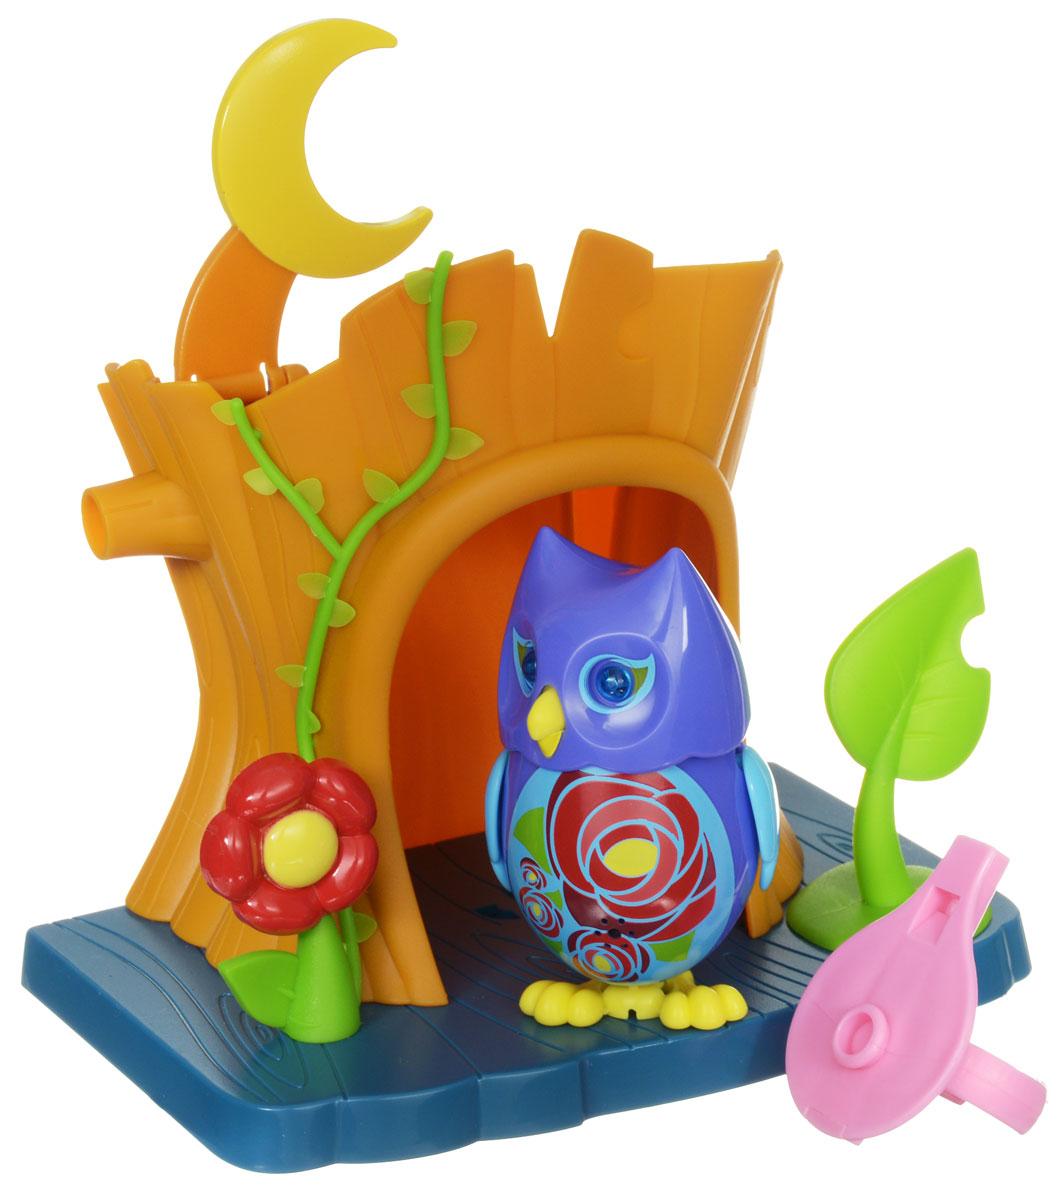 DigiFriends Интерактивная игрушка Сова с домиком цвет фиолетовый голубой88359_фиолетовый,голубойИнтерактивная игрушка DigiFriends Сова с домиком подарит ребенку множество незабываемых игр. Птичка умеет петь как соло, так и в хоре - вместе с другими птичками. Уютный домик для совы имеет главный вход и заднюю дверь. К крыше домика приделан месяц, который поднимается, и тогда наступает ночь. Рядом с домиком расположен желудь и листик. Если поднять листик, то под ним можно обнаружить забавную букашку. Чтобы активировать режим проигрывания мелодий и птичьего щебета, достаточно посвистеть в свисток, имеющийся в комплекте. Кольцо-свисток может быть использовано в качестве насеста-переноски. Игрушка издает 55 вариантов мелодий и звуков. Голова птички двигается в такт мелодии, а клюв - открывается. Глаза совы светятся. Игрушка может спеть вместе со всеми персонажами DigiFriends в режиме хор. Птичка, которую активировали первой, становится солистом. Управлять пением пернатой звезды или целым хором - исключительно увлекательное занятие, которое надолго привлечёт...